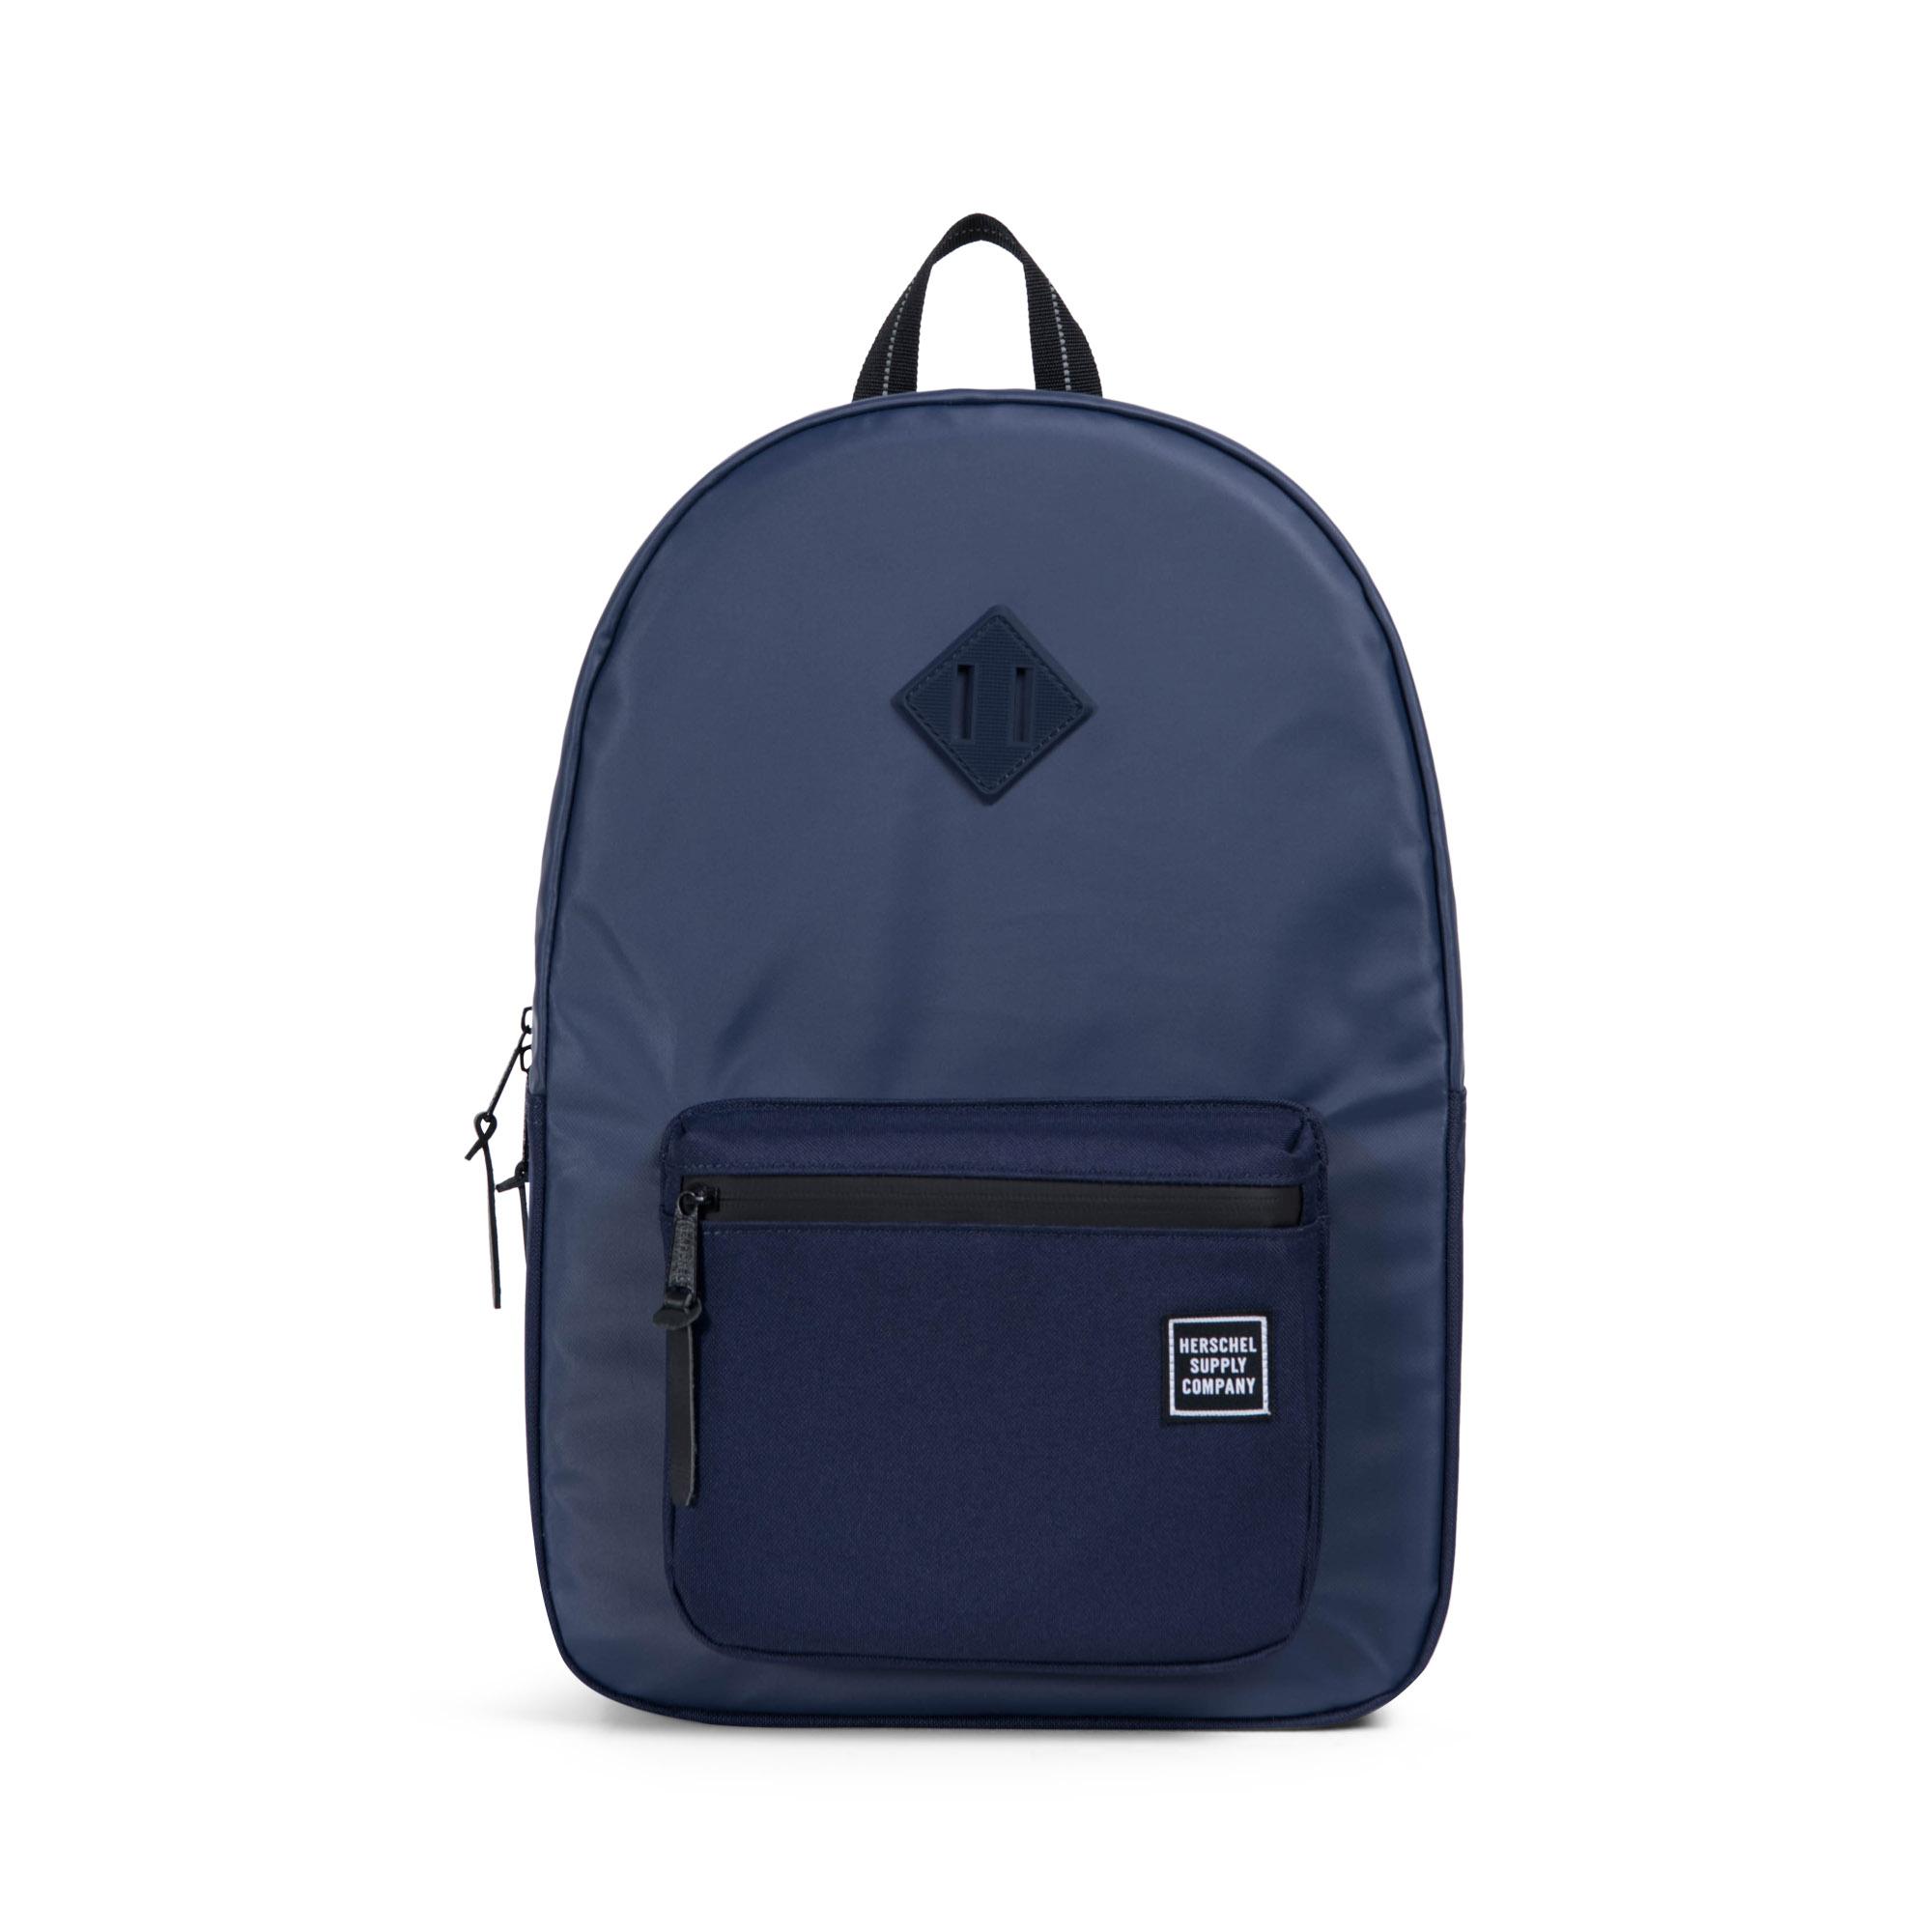 Ruskin Backpack Studio | Herschel Supply Company